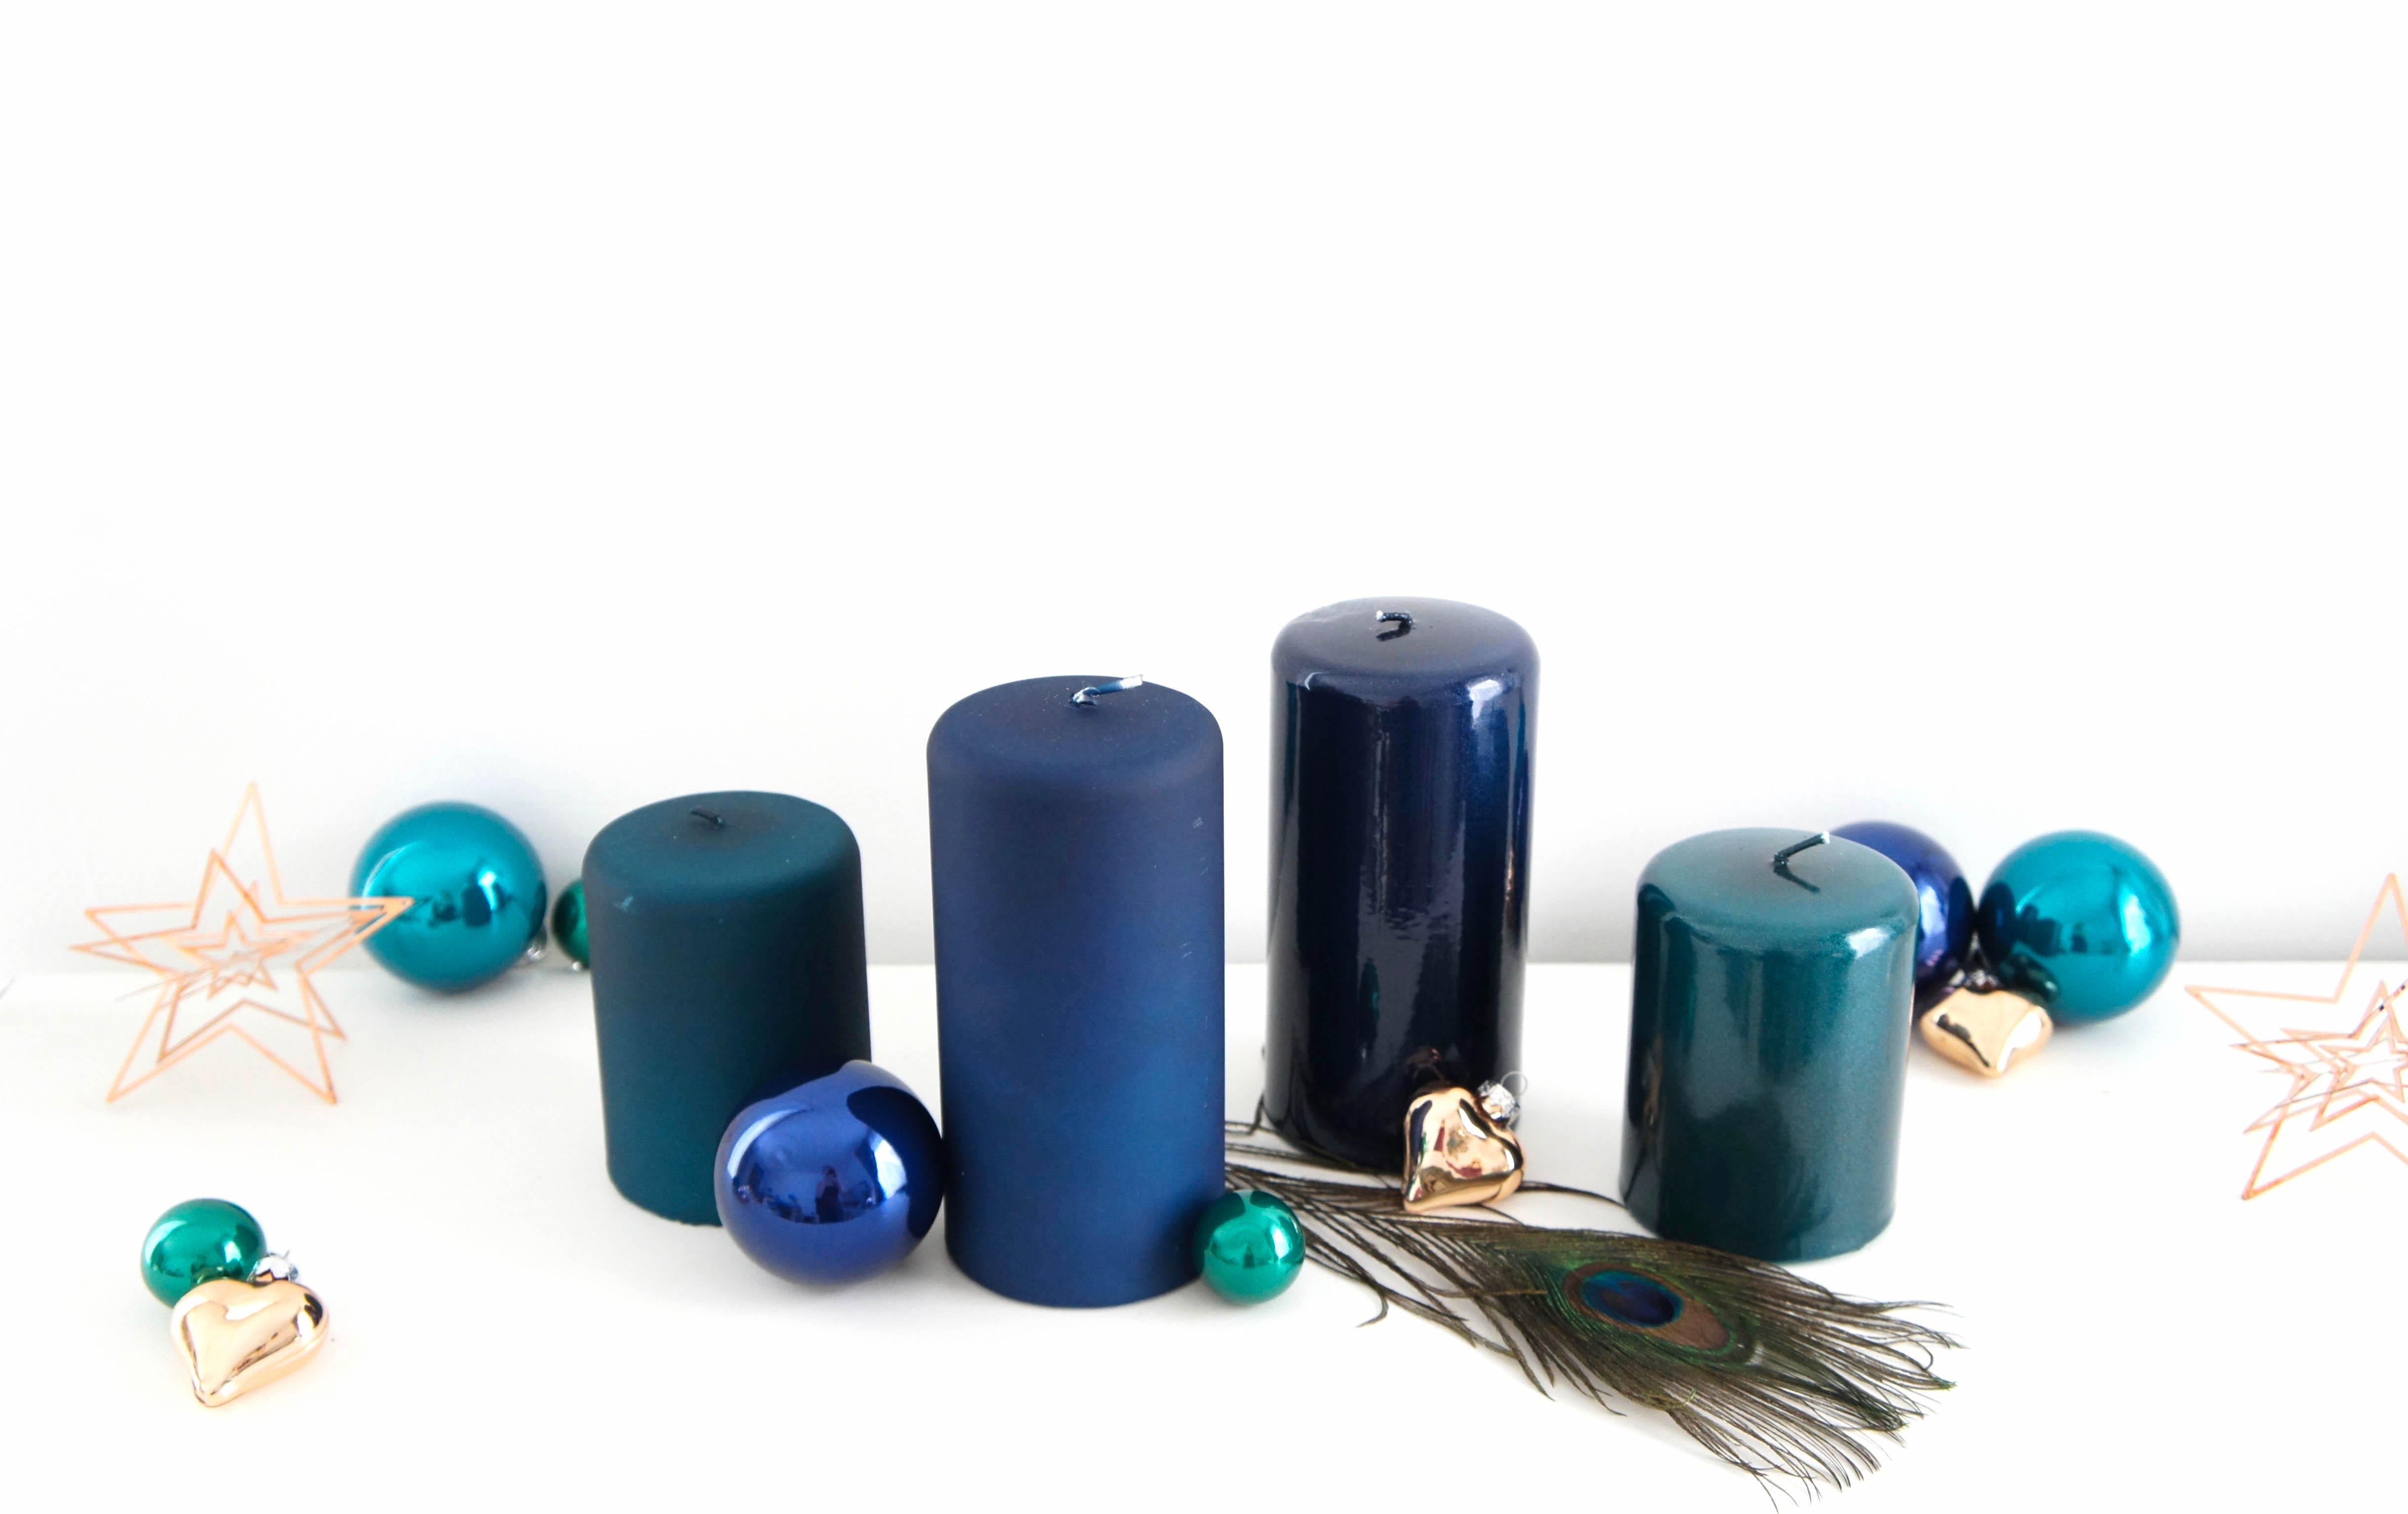 Deko f r adventskranz kaufen im online shop aus w rzburg - Weihnachtsdeko blau ...